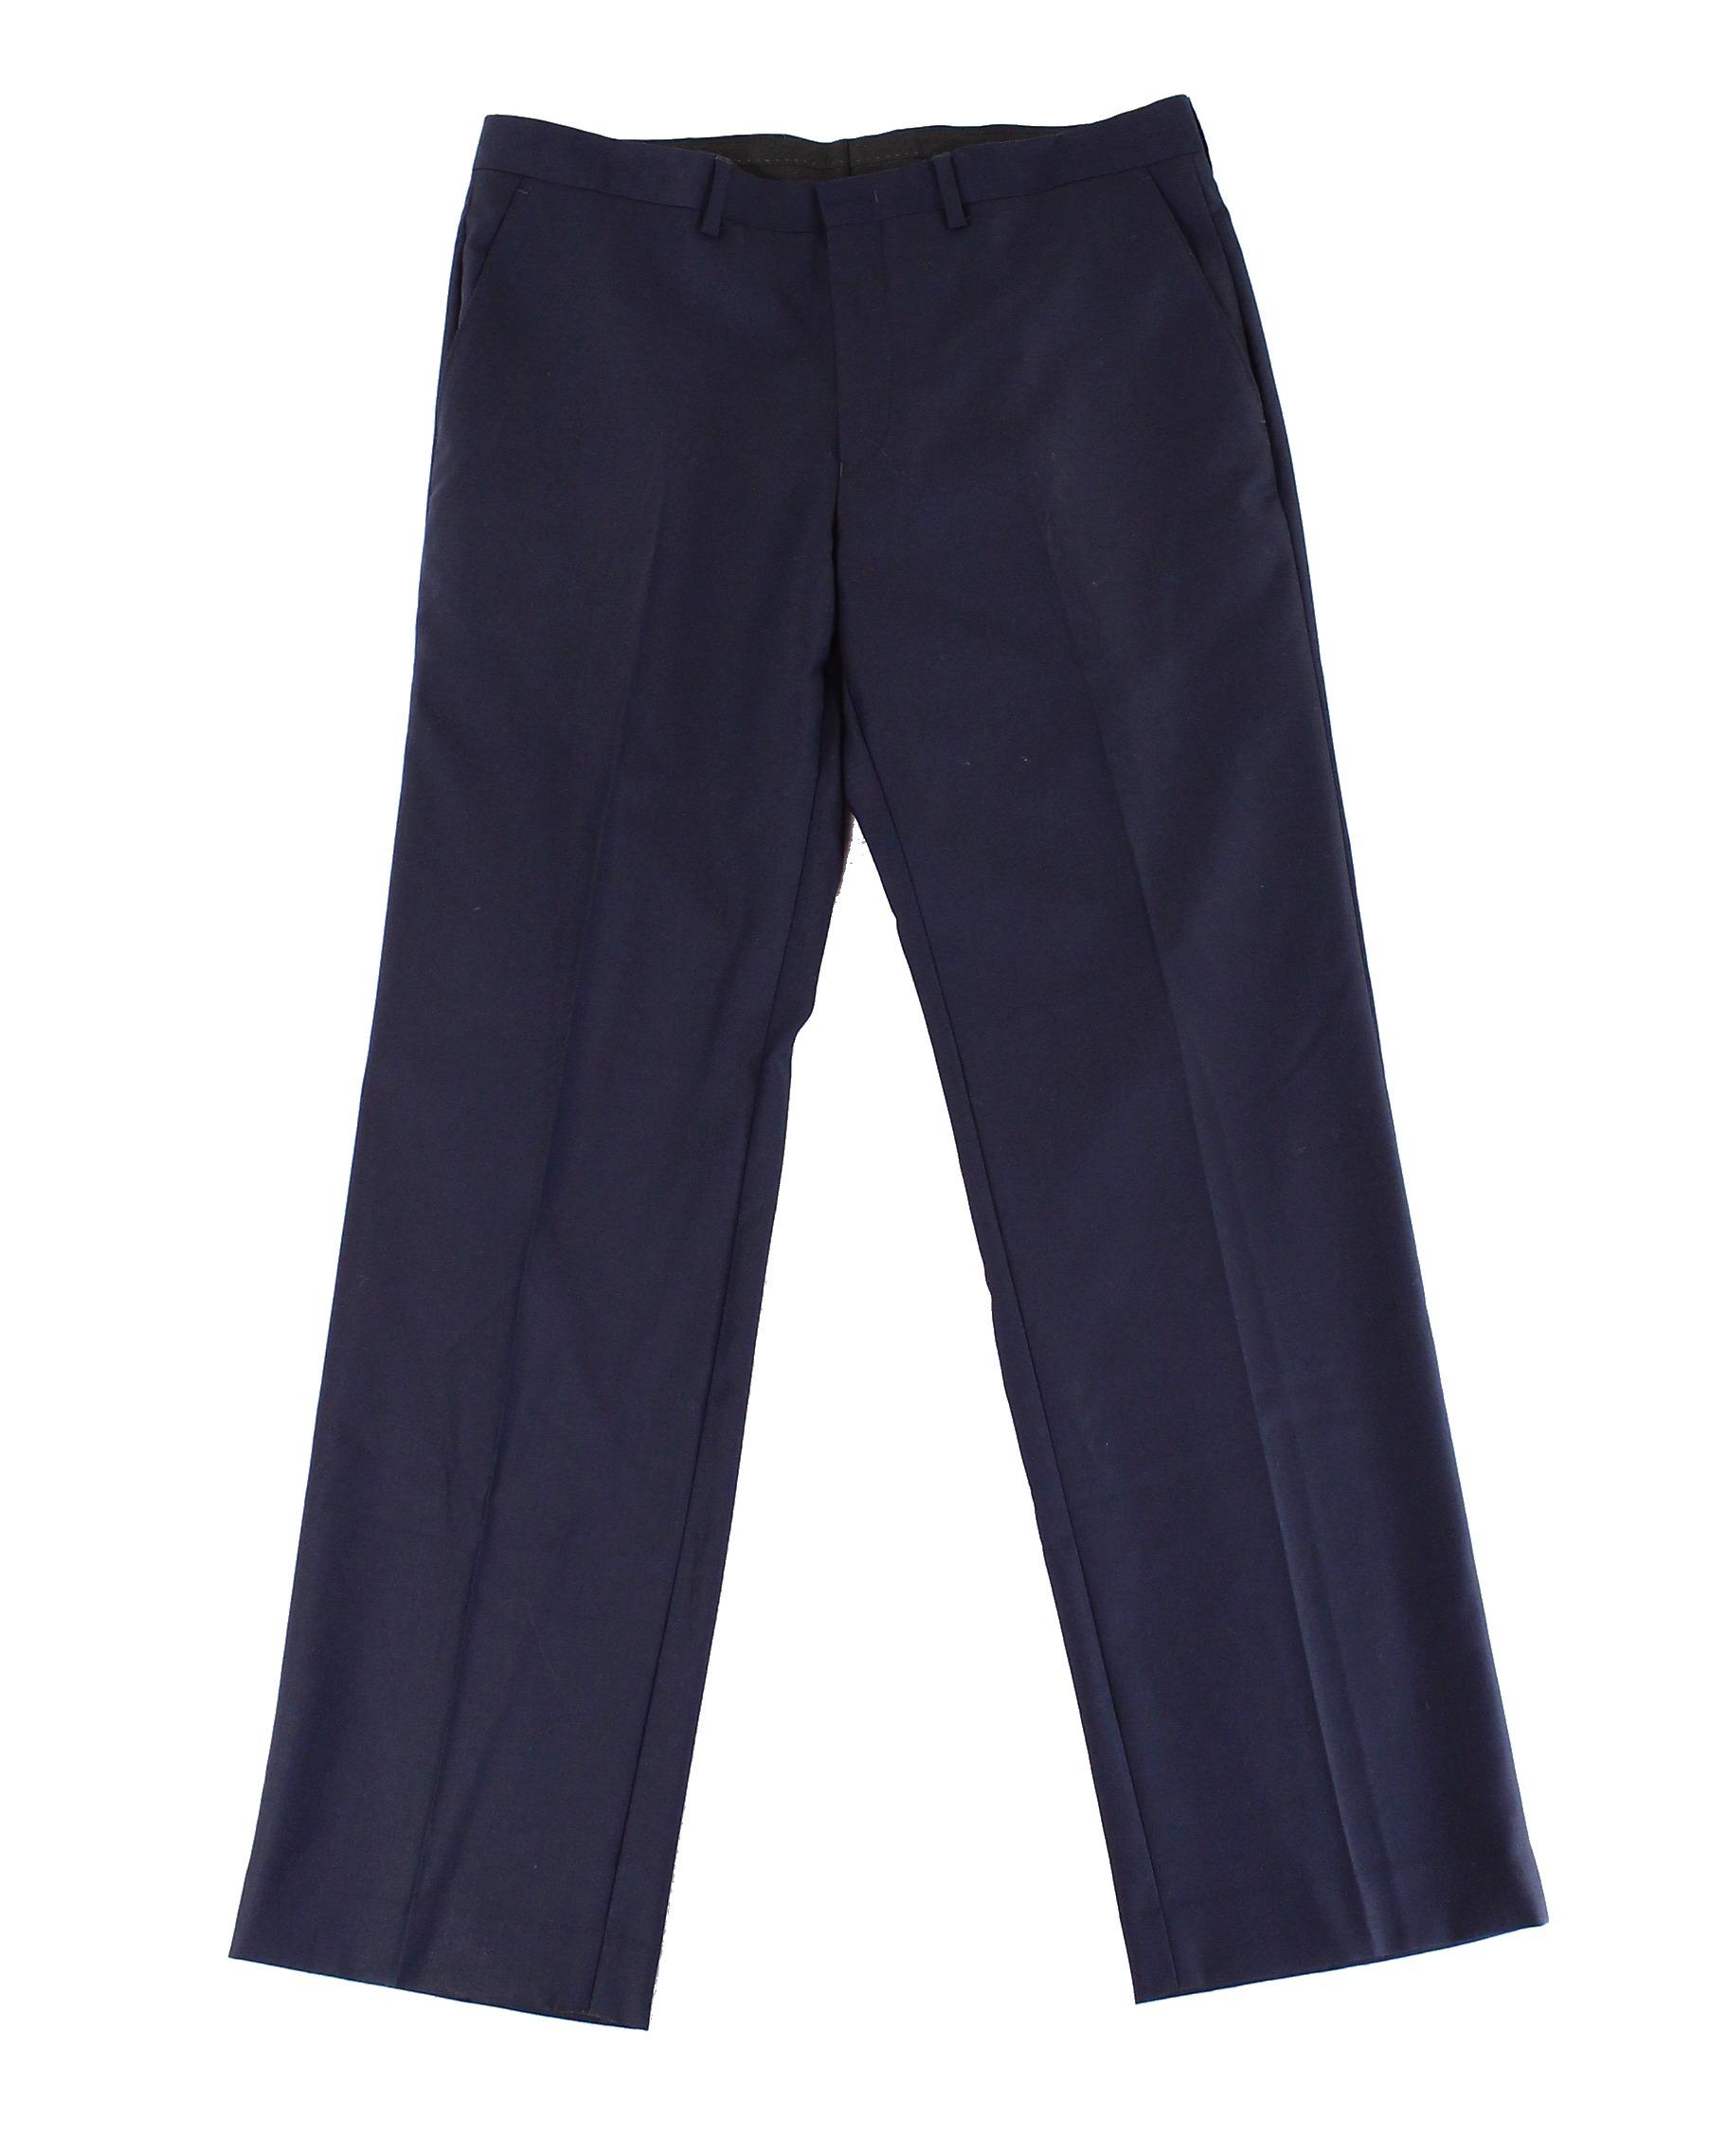 Ryan Seacrest Distinction 30X30 Dress Flat Front Wool Pants